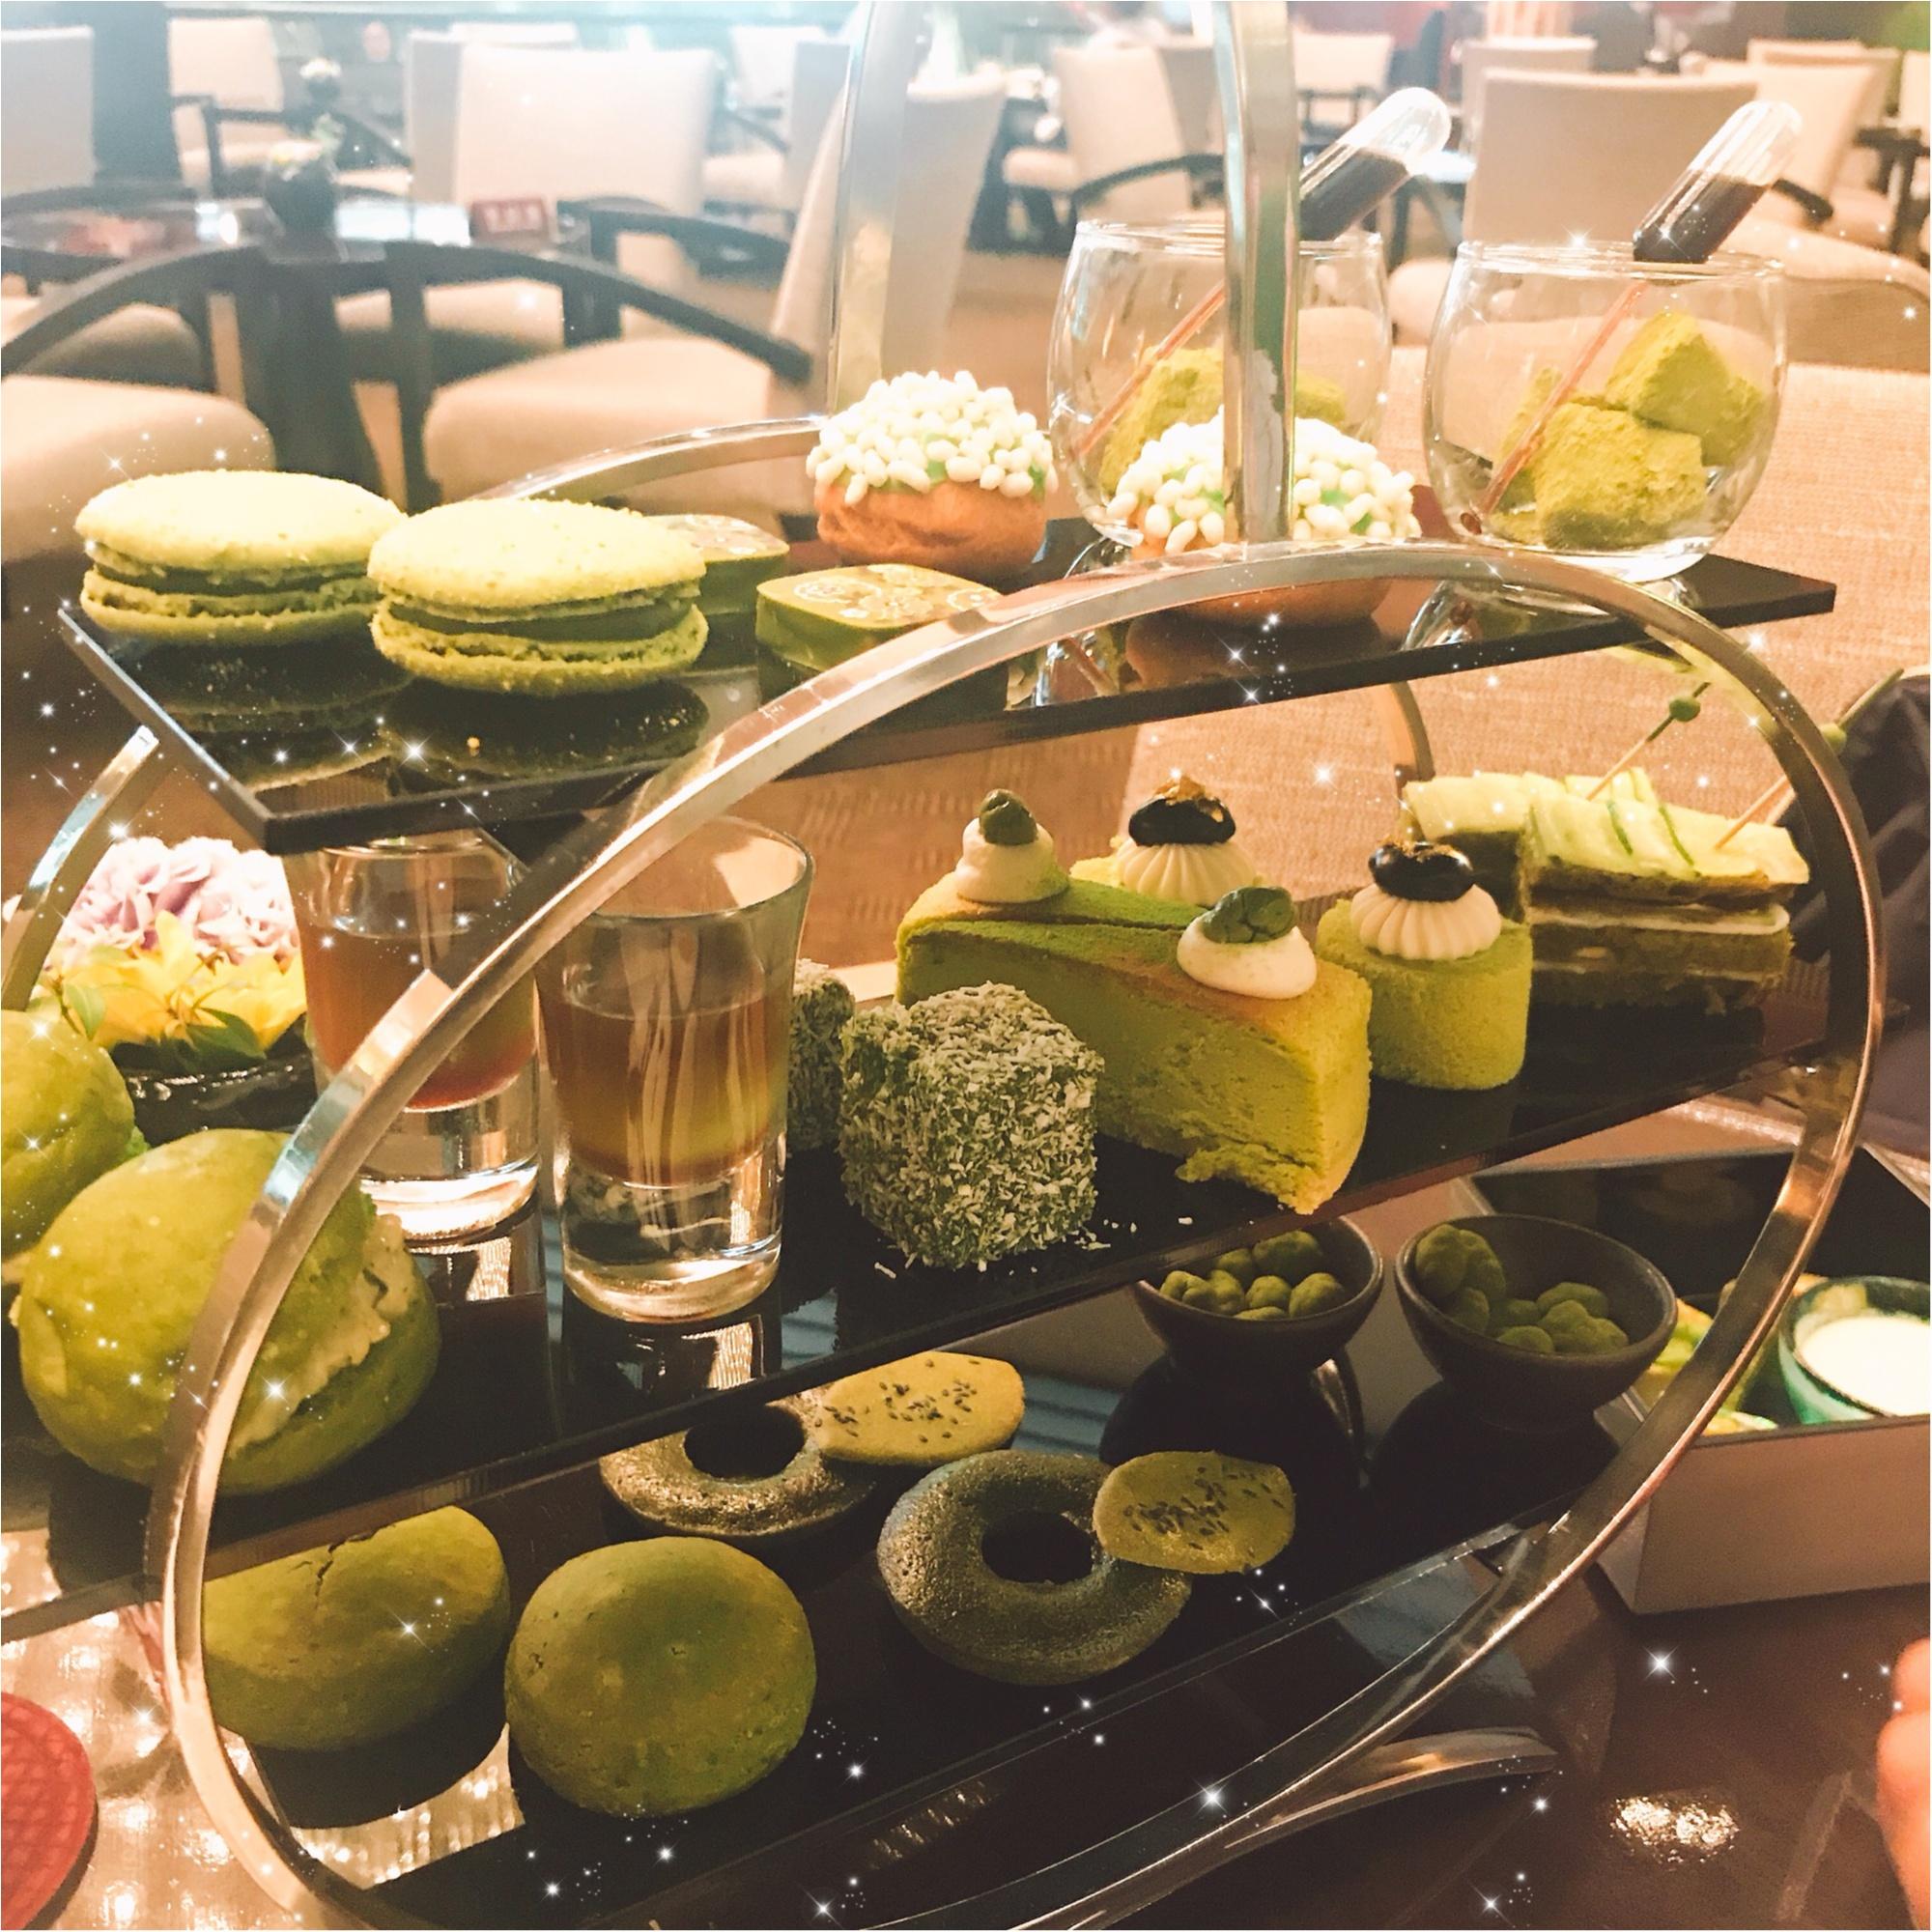 期間限定!抹茶好きにはたまらない、ANAインターコンチネンタルホテル東京の抹茶アフタヌーンティー。_1